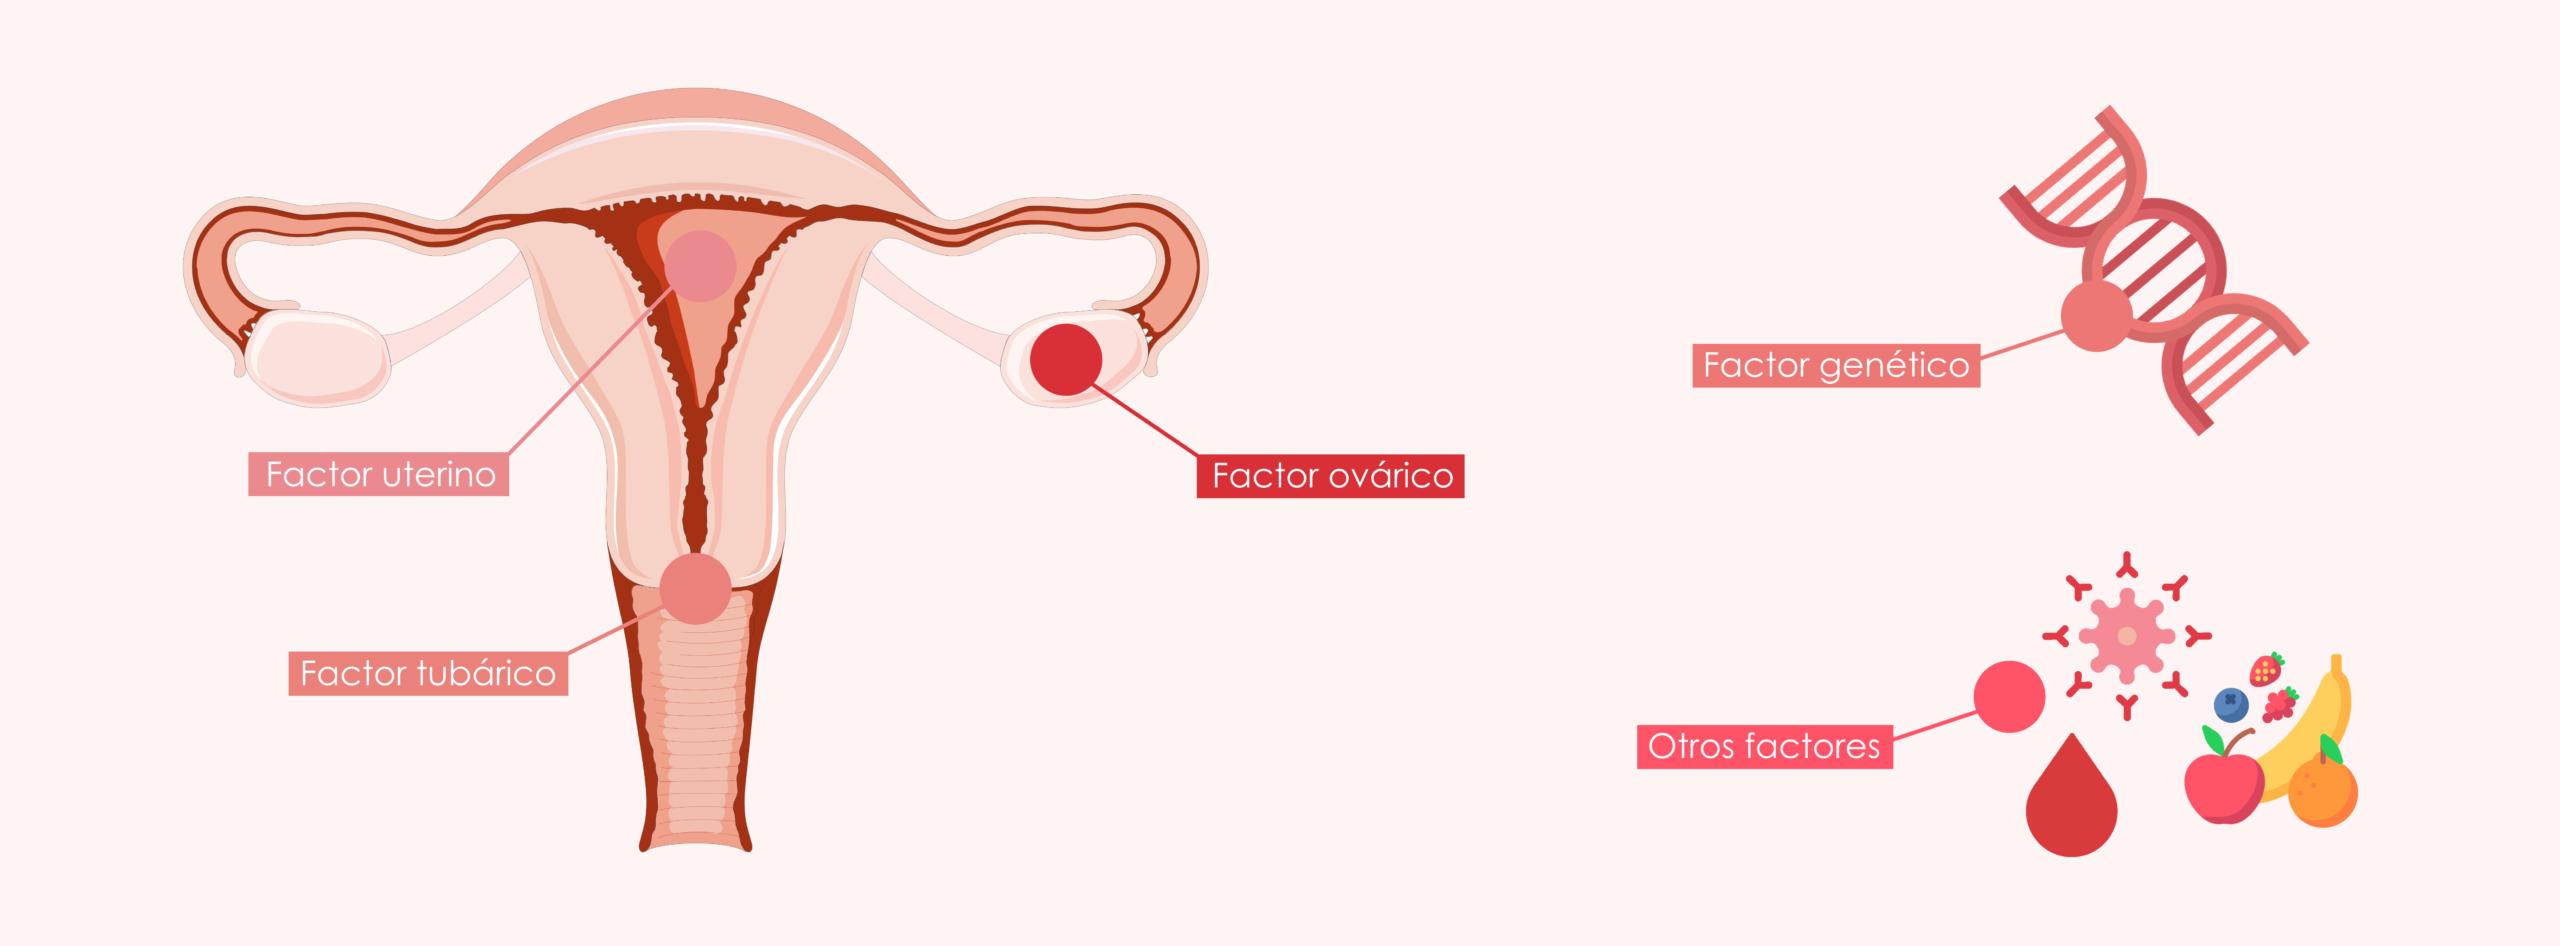 causas de infertilidad femenina